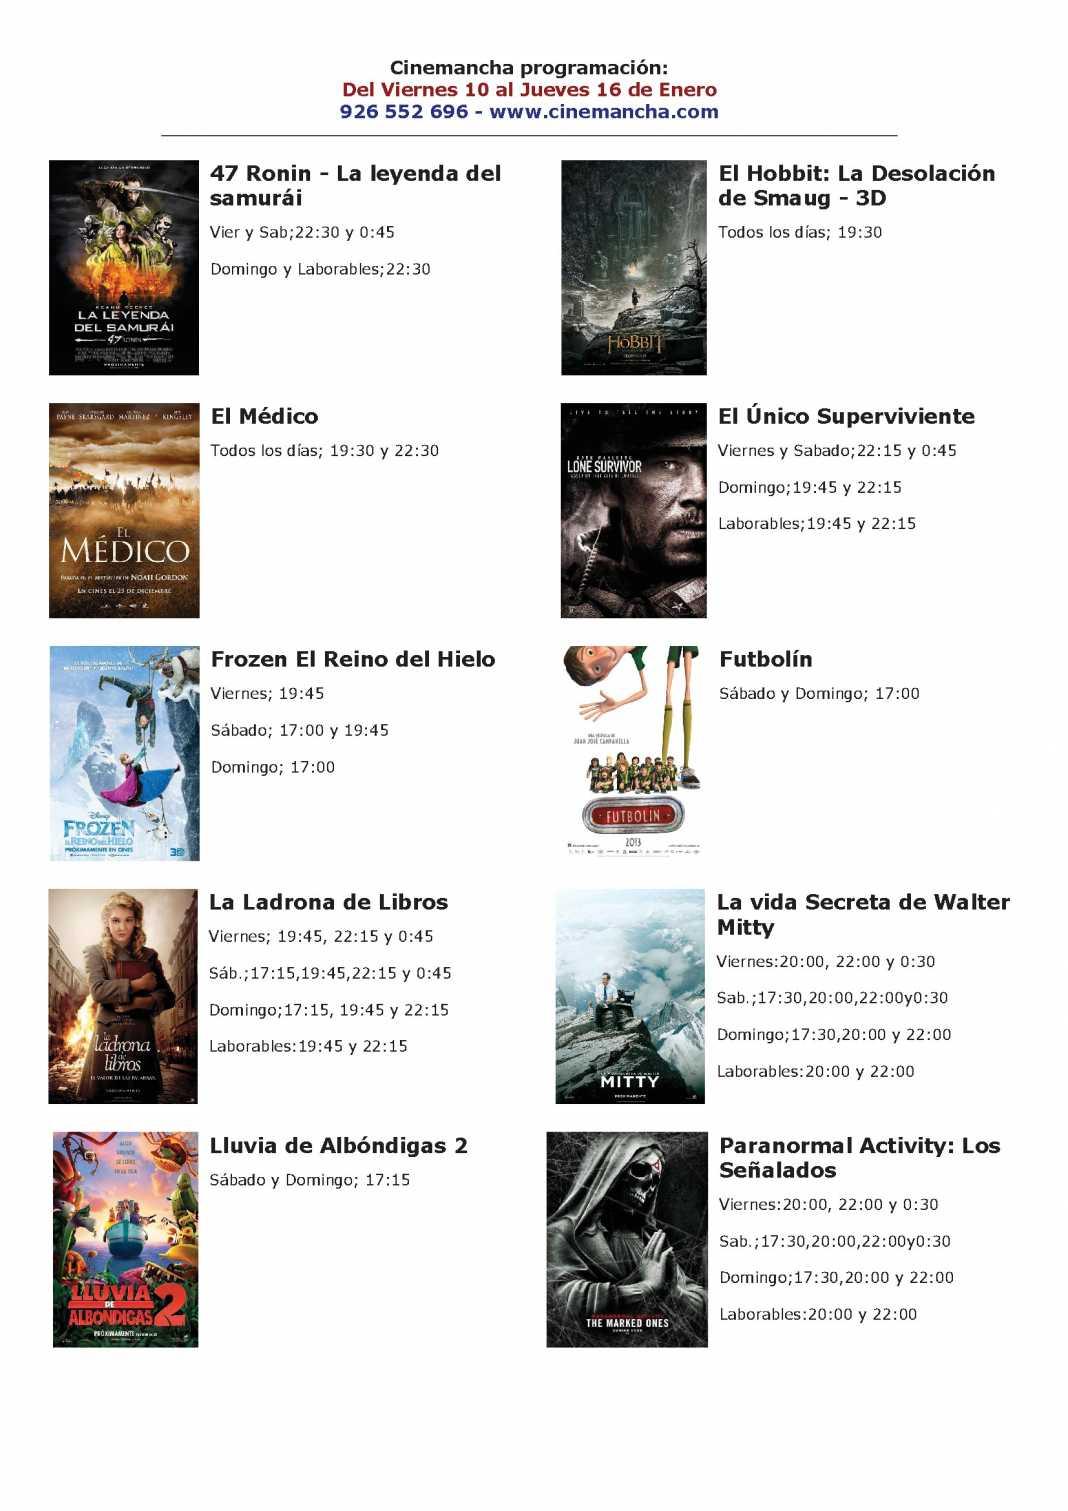 cartelera de muilticines cinemancha del 10 al 16 de enero 1068x1511 - Programación Cinemancha del viernes 10 al jueves 16 de enero